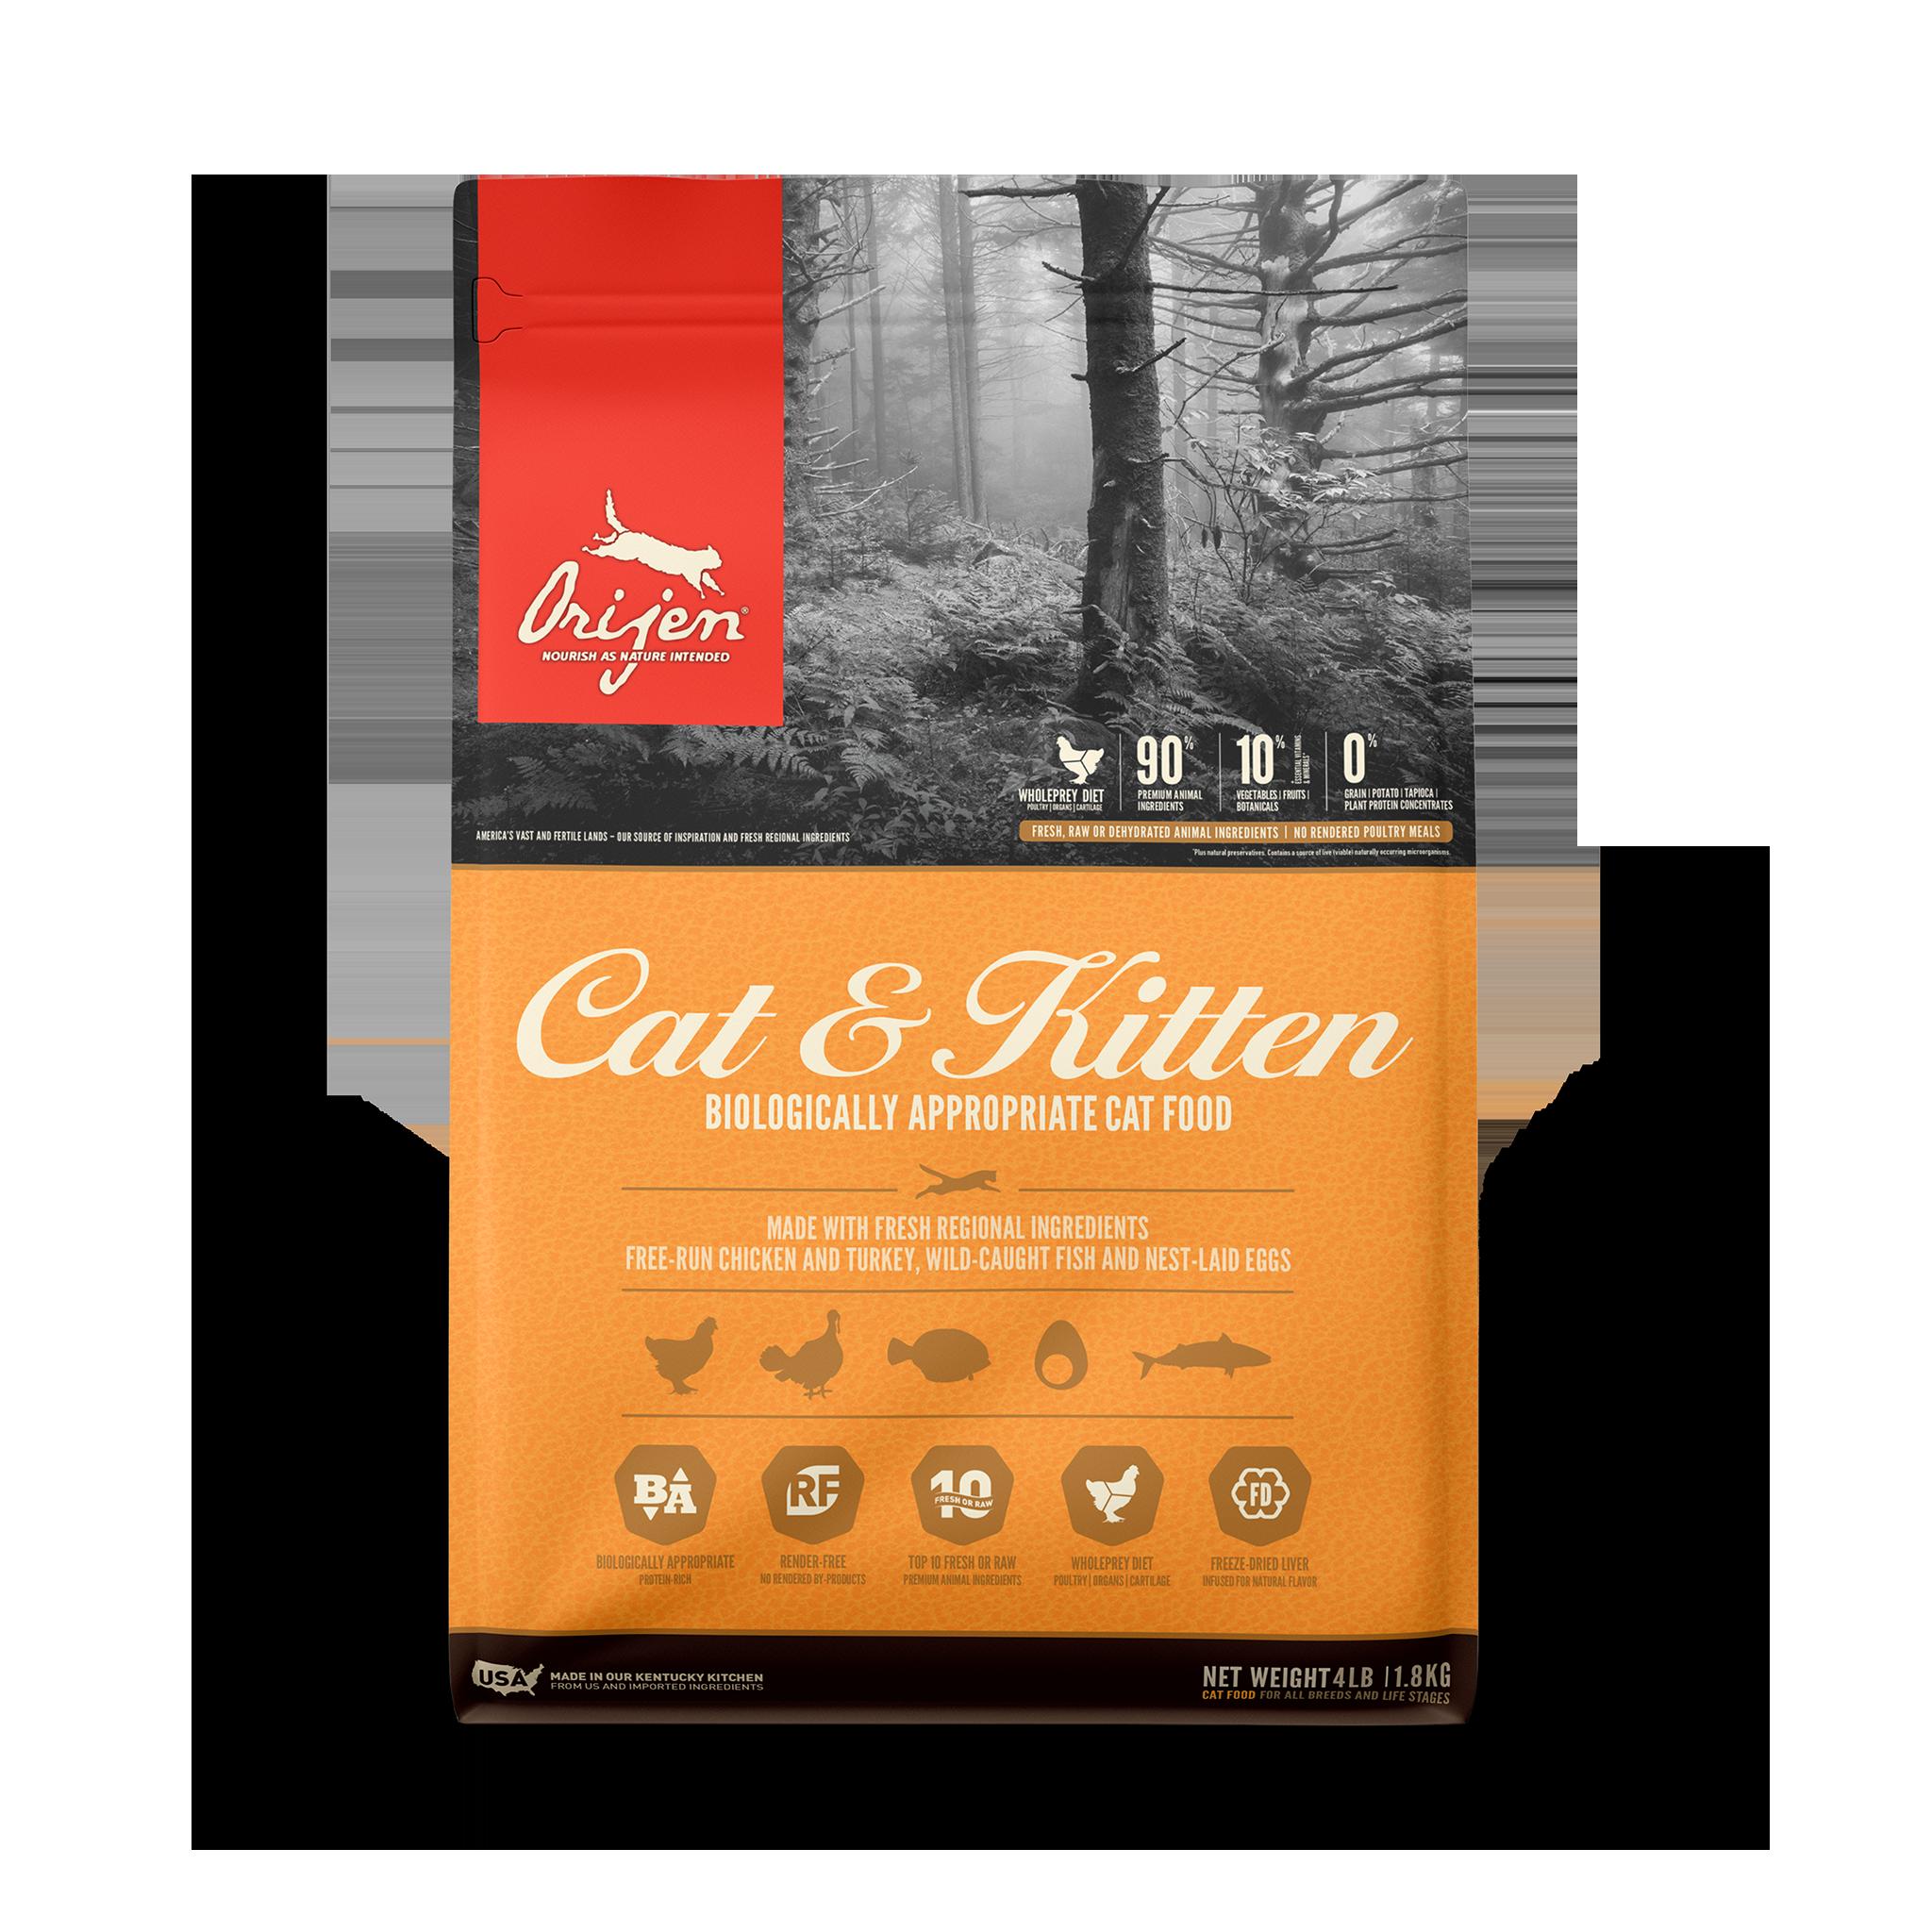 Orijen Orijen Cat & Kitten Dry Cat Food